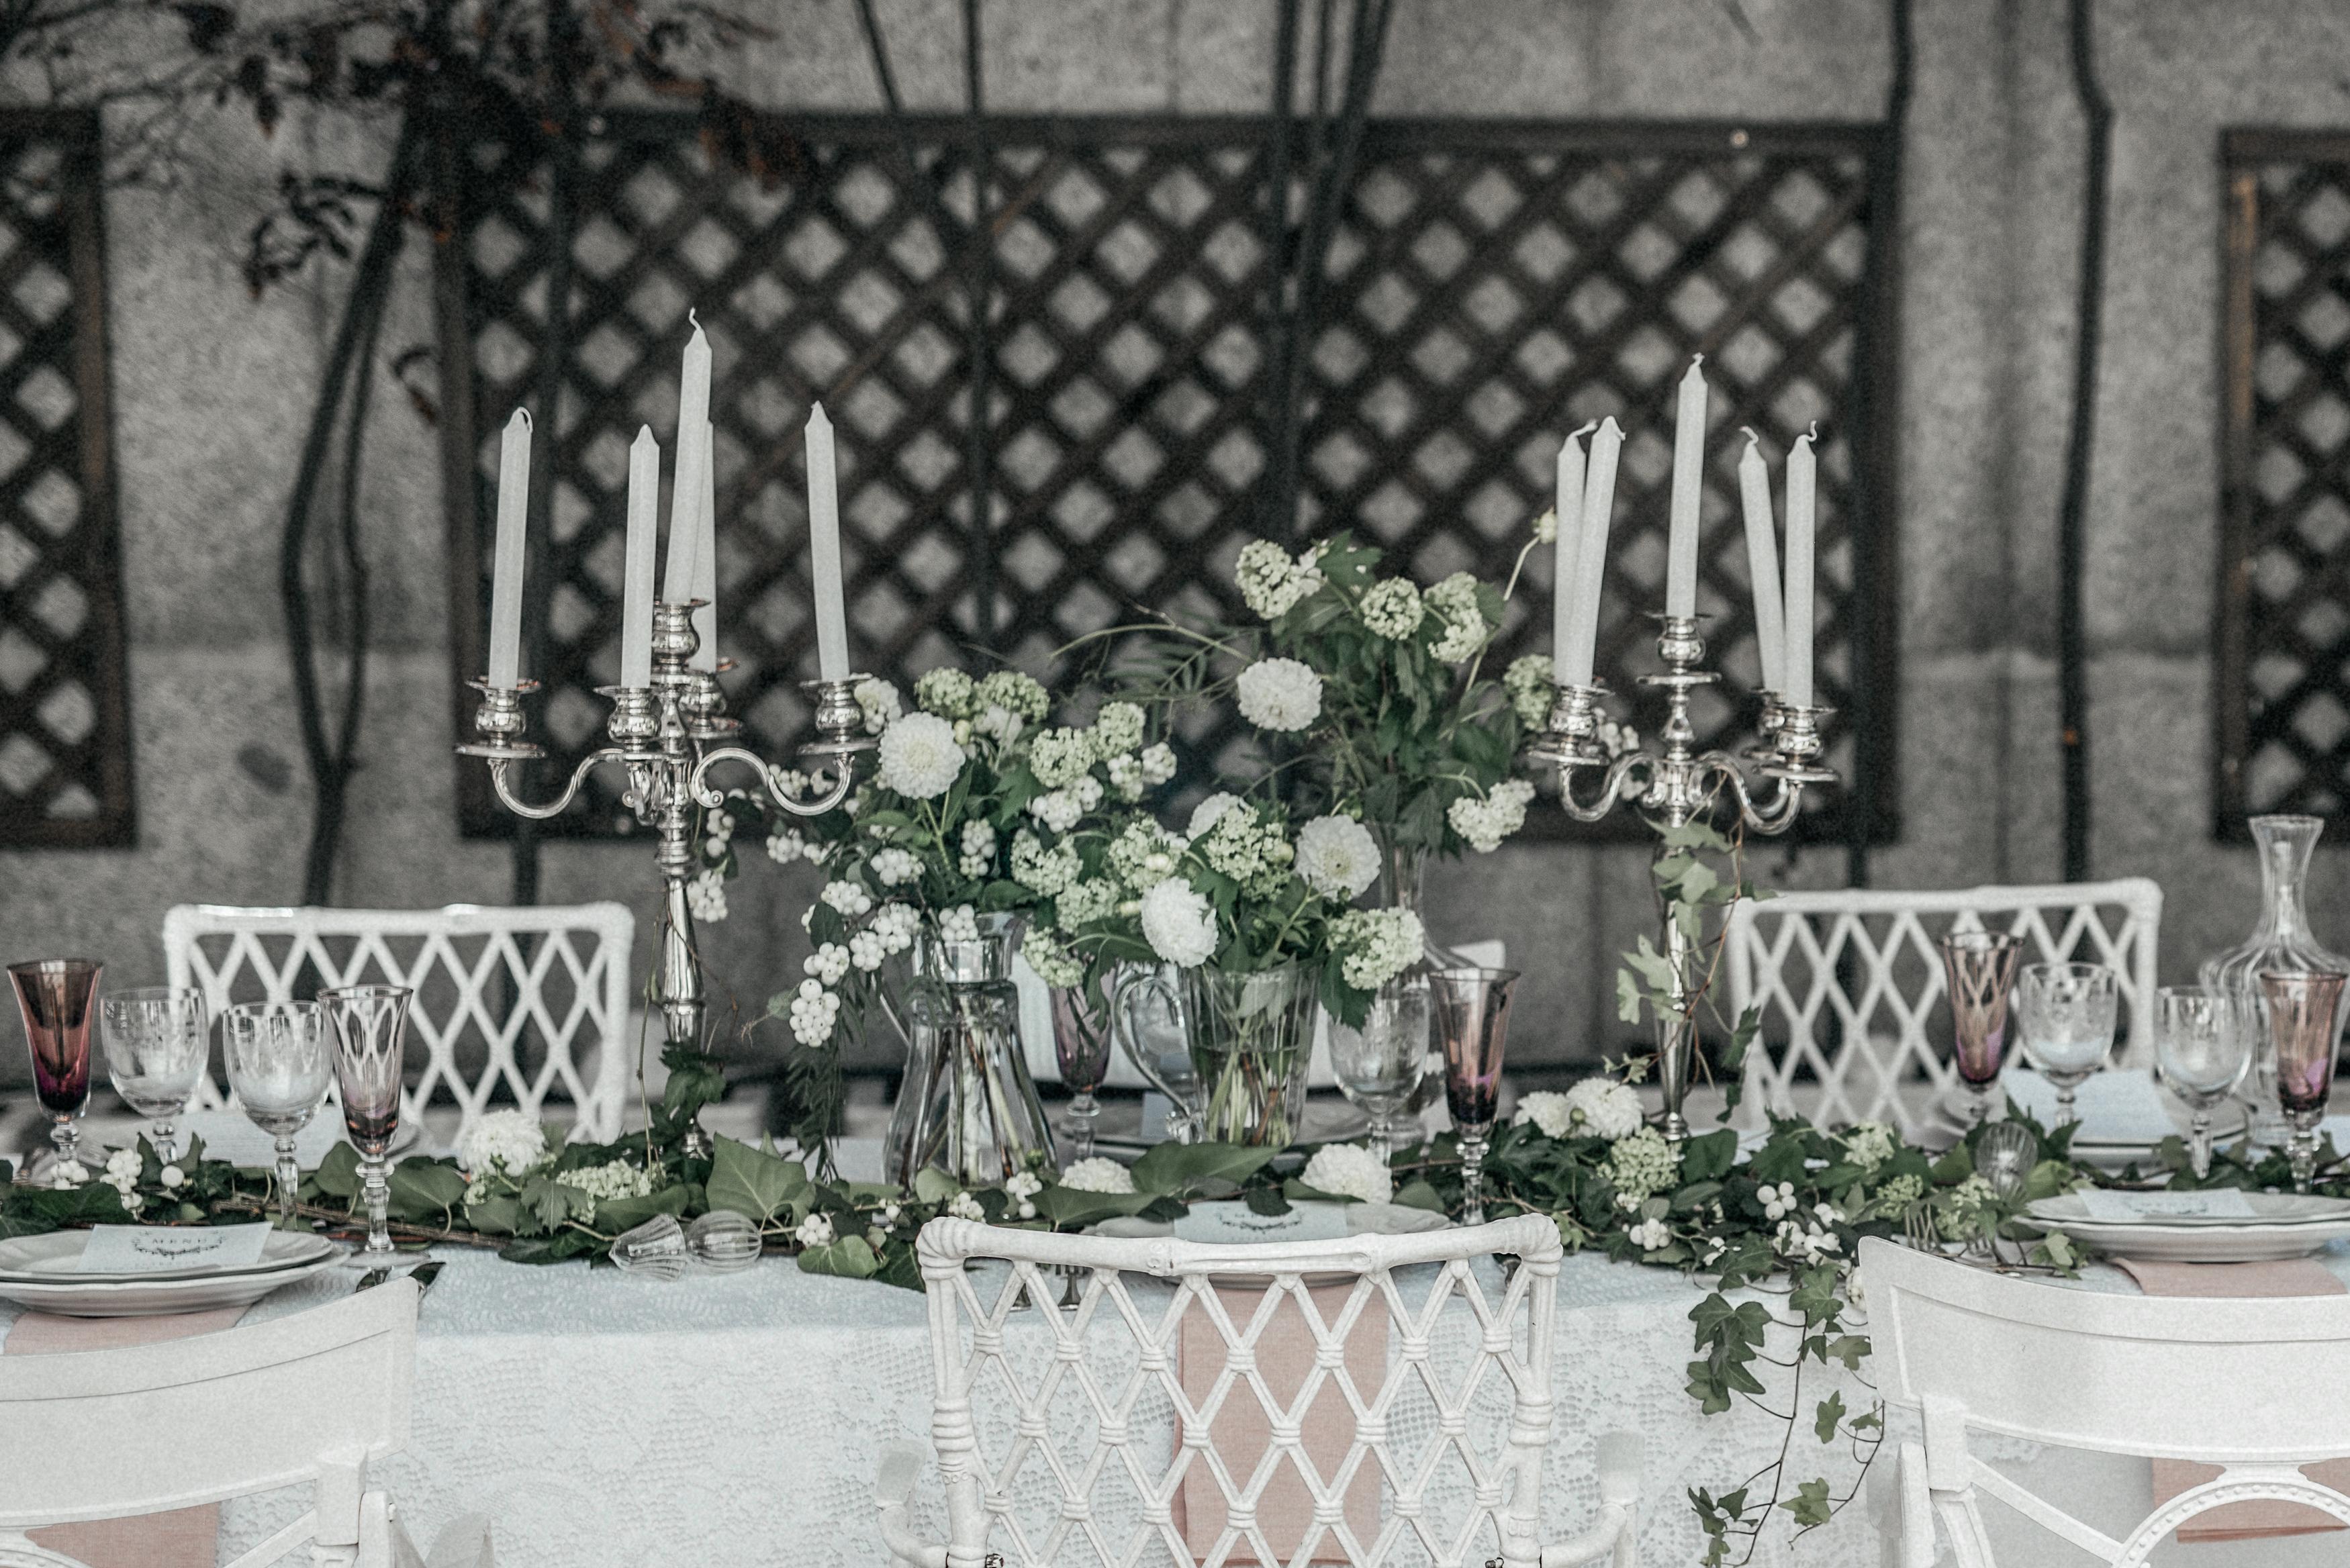 Mesa de inspiración provenzal en el Hotel Miguel Angel por Wedding Style Magazine. Foto: Quique Magás